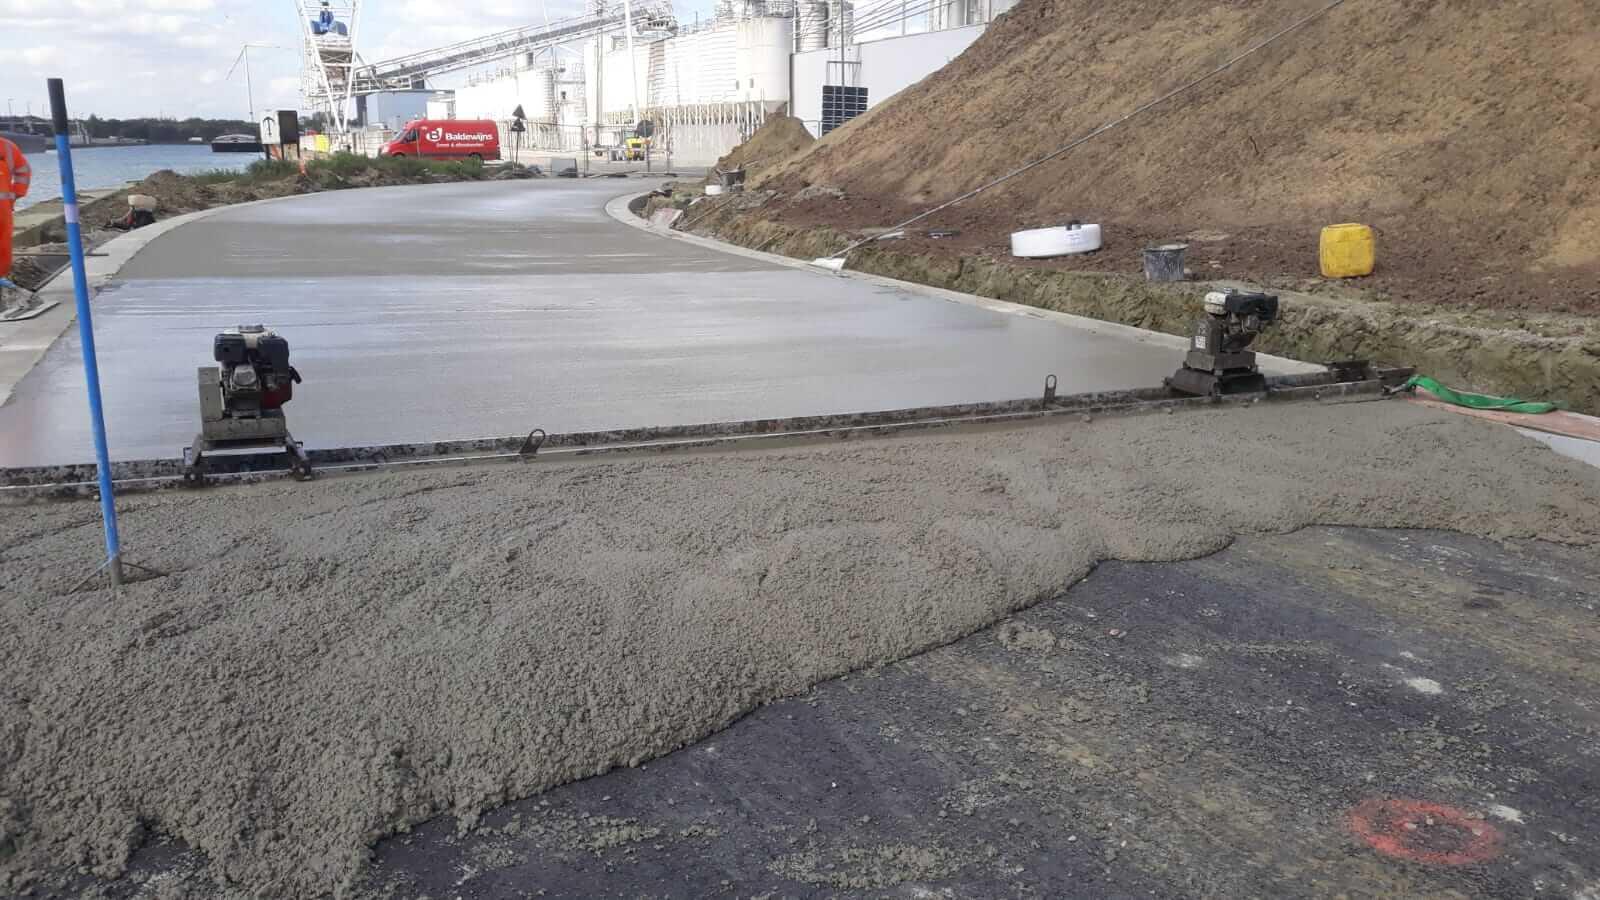 Het storten van een betonweg is een mooie oplossing voor een weg met zwaar vrachtverkeer